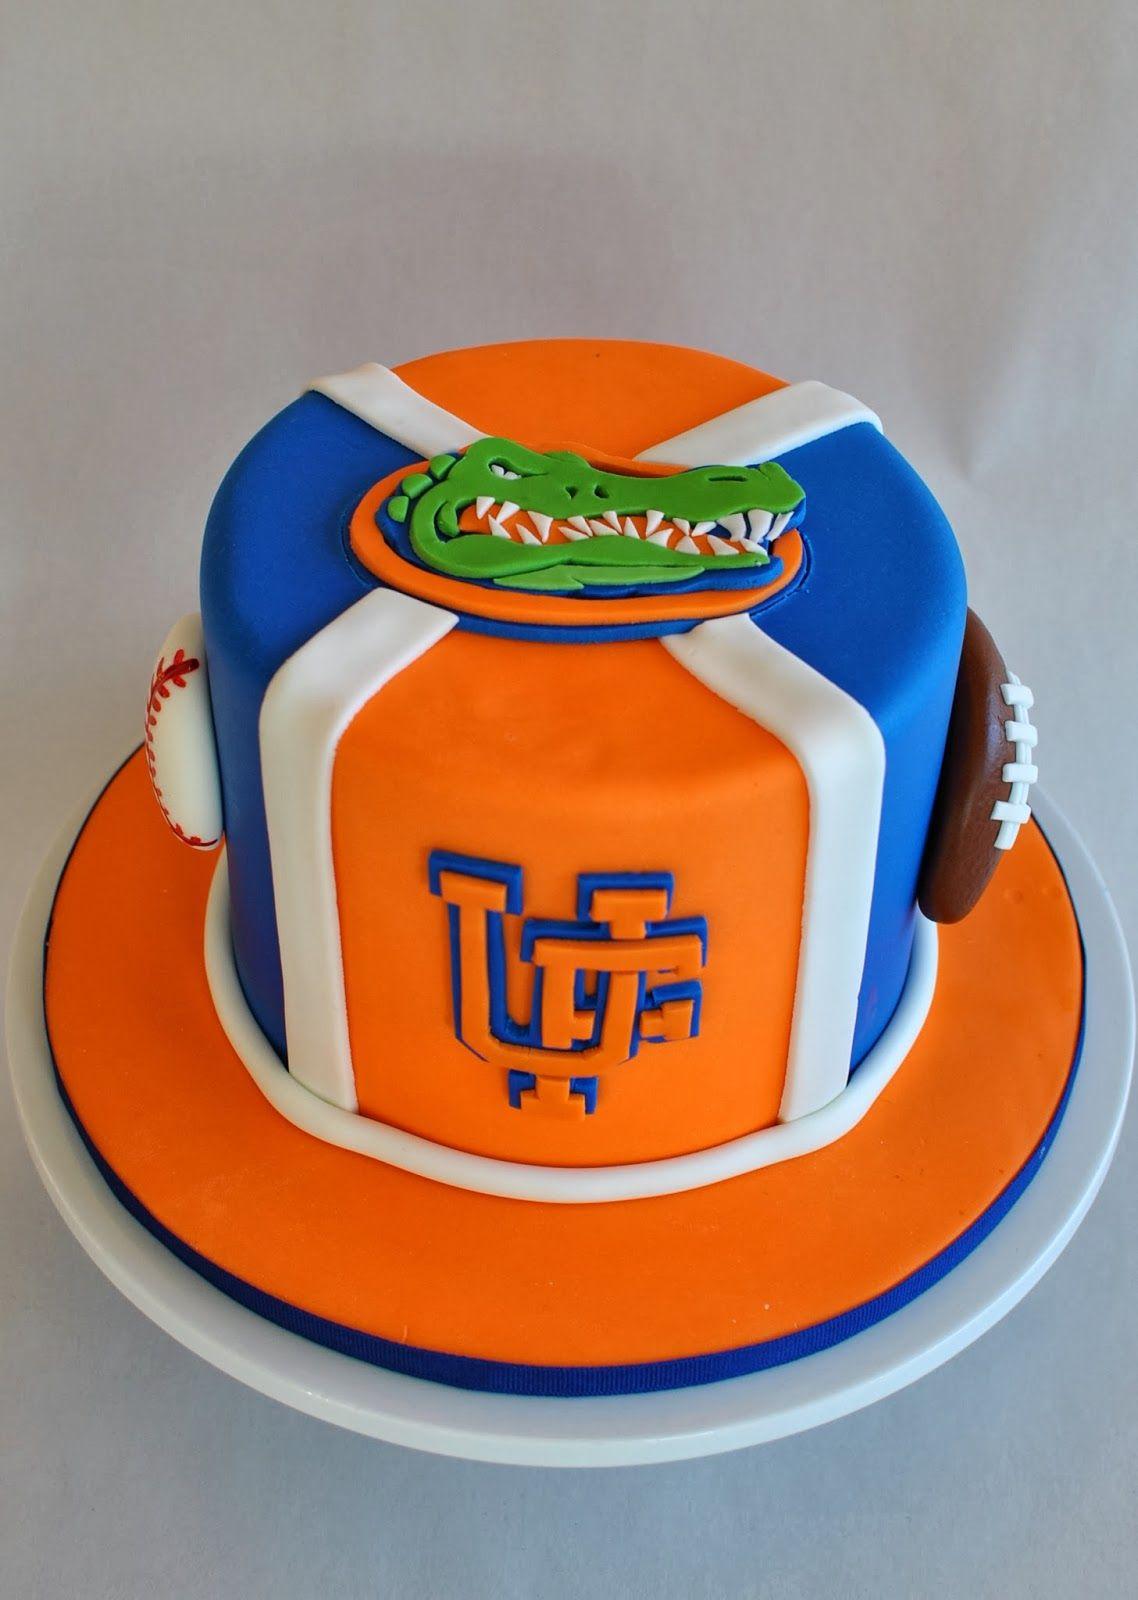 Florida Gators Cake Hopes Sweet Cakes Hopes Sweet Cakes